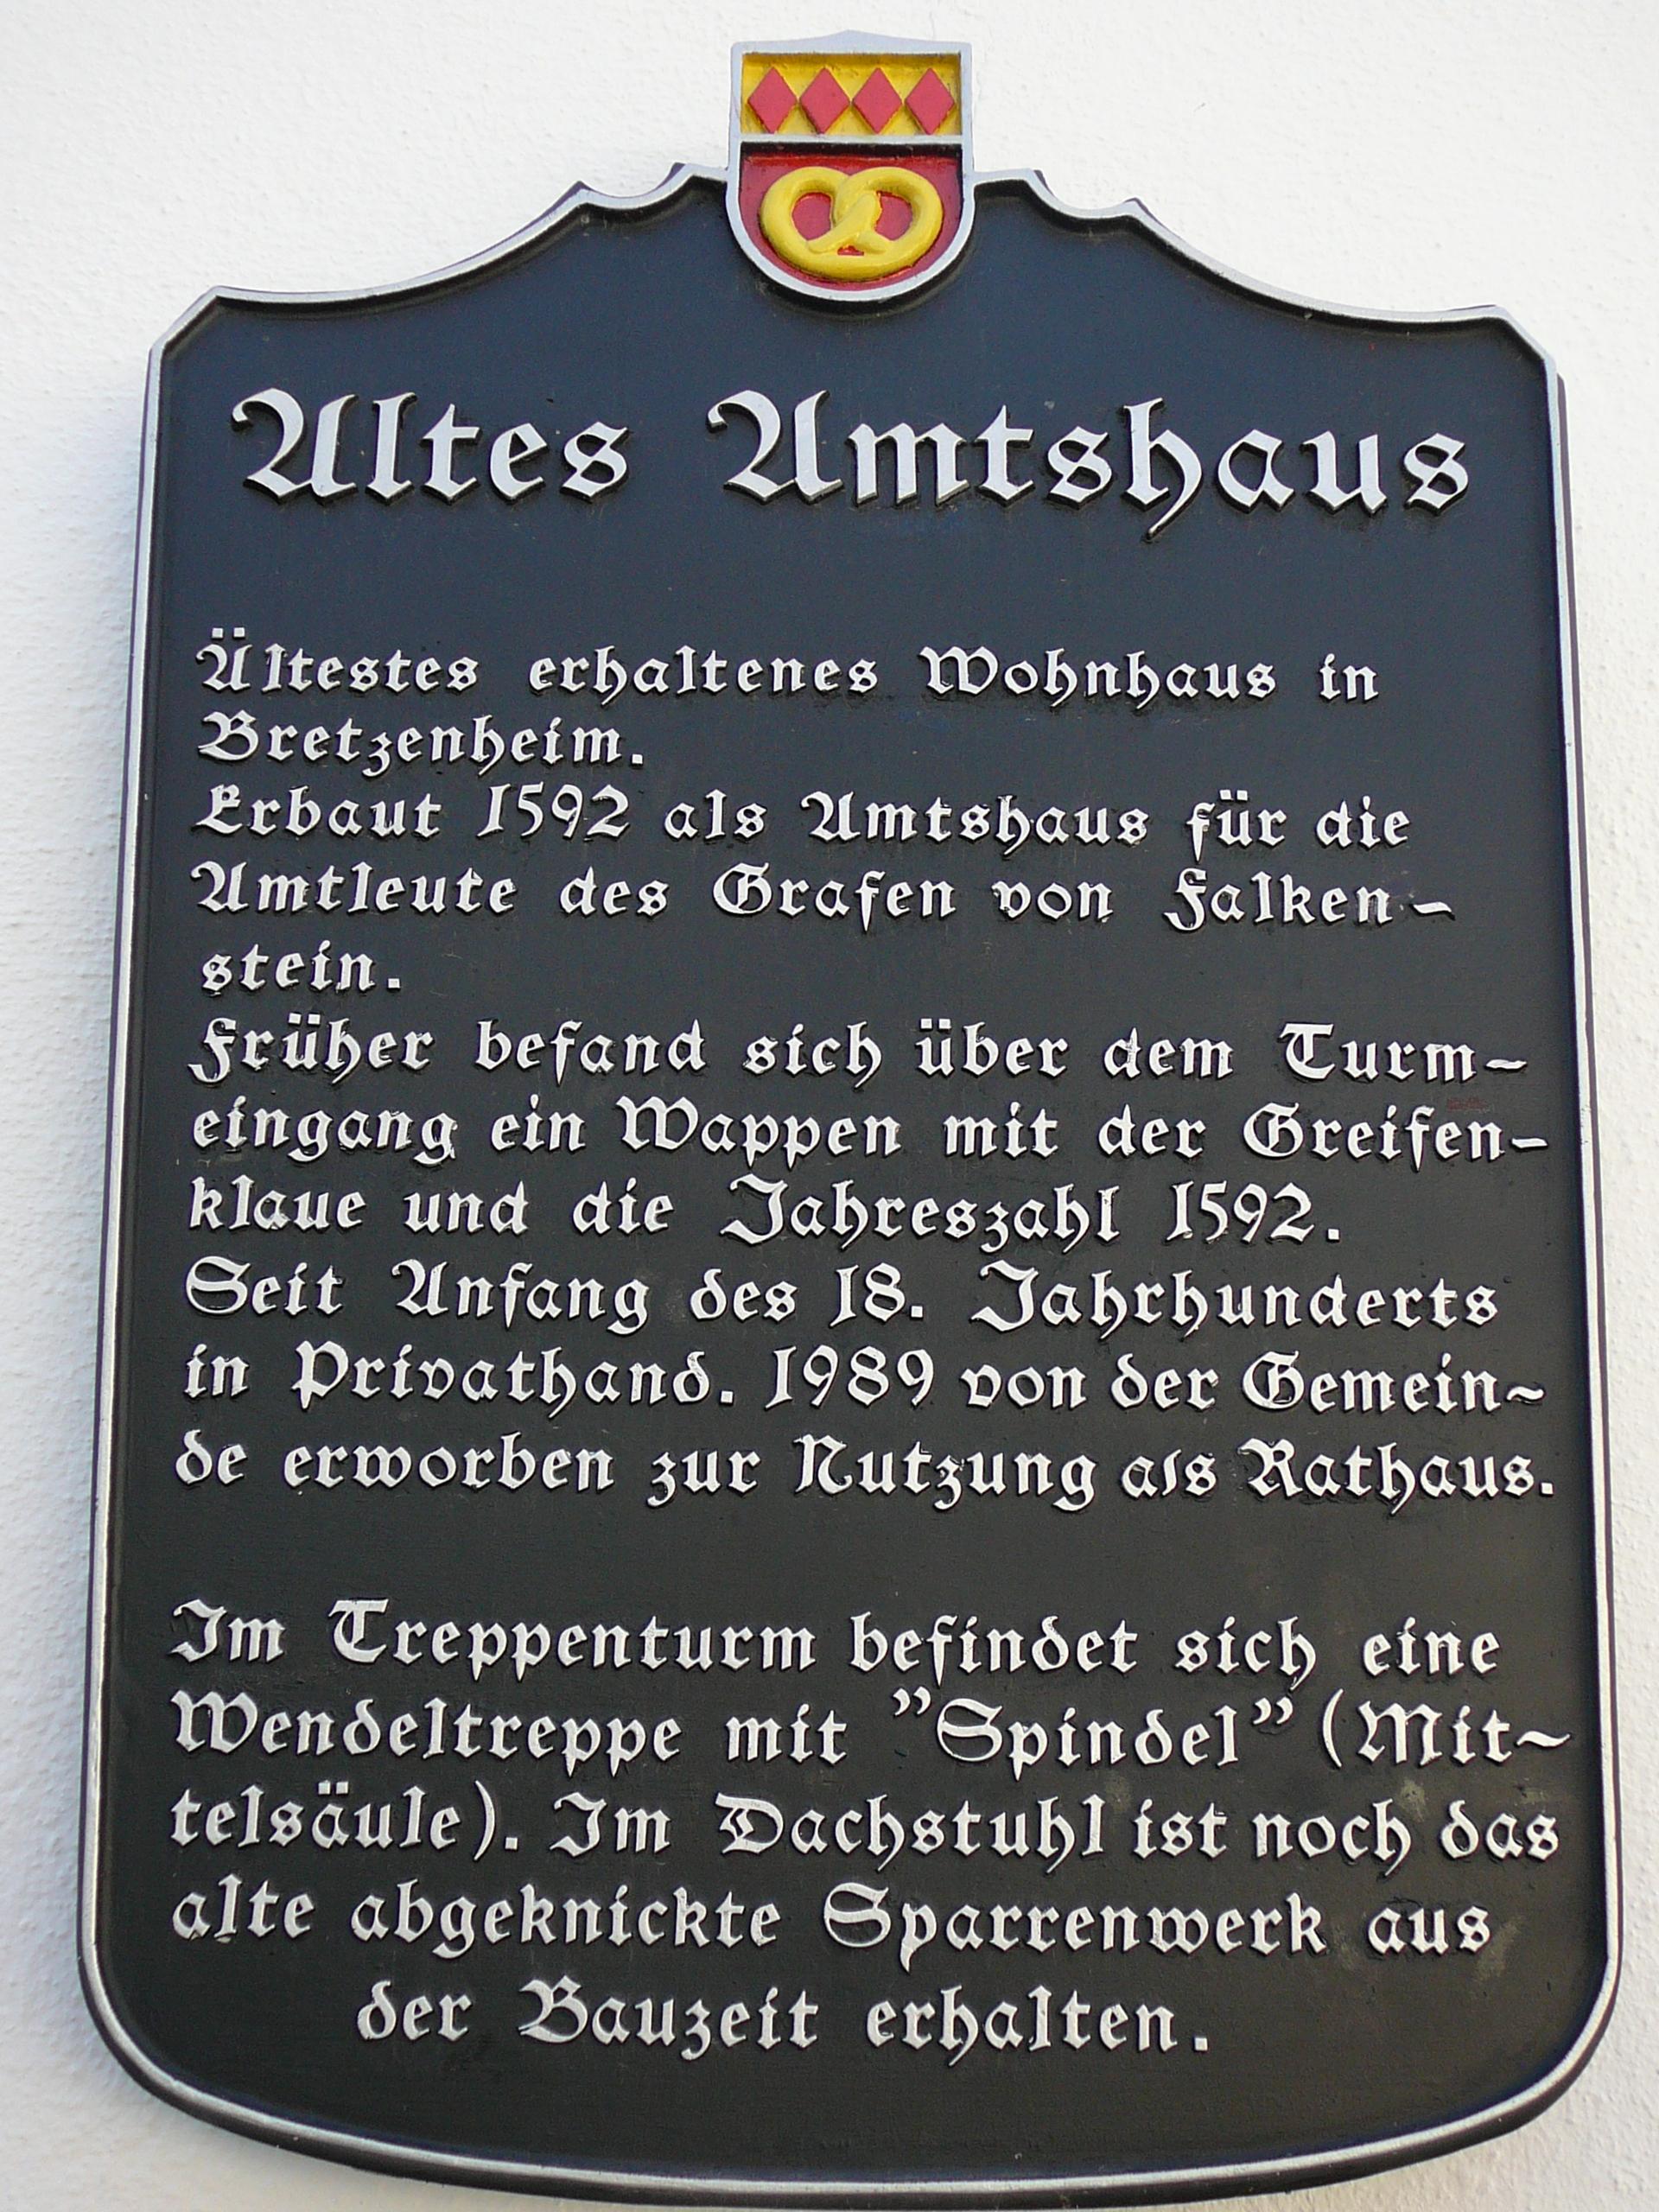 Erläuterung zur Geschichte des Rathauses - Tafel am Gebäude